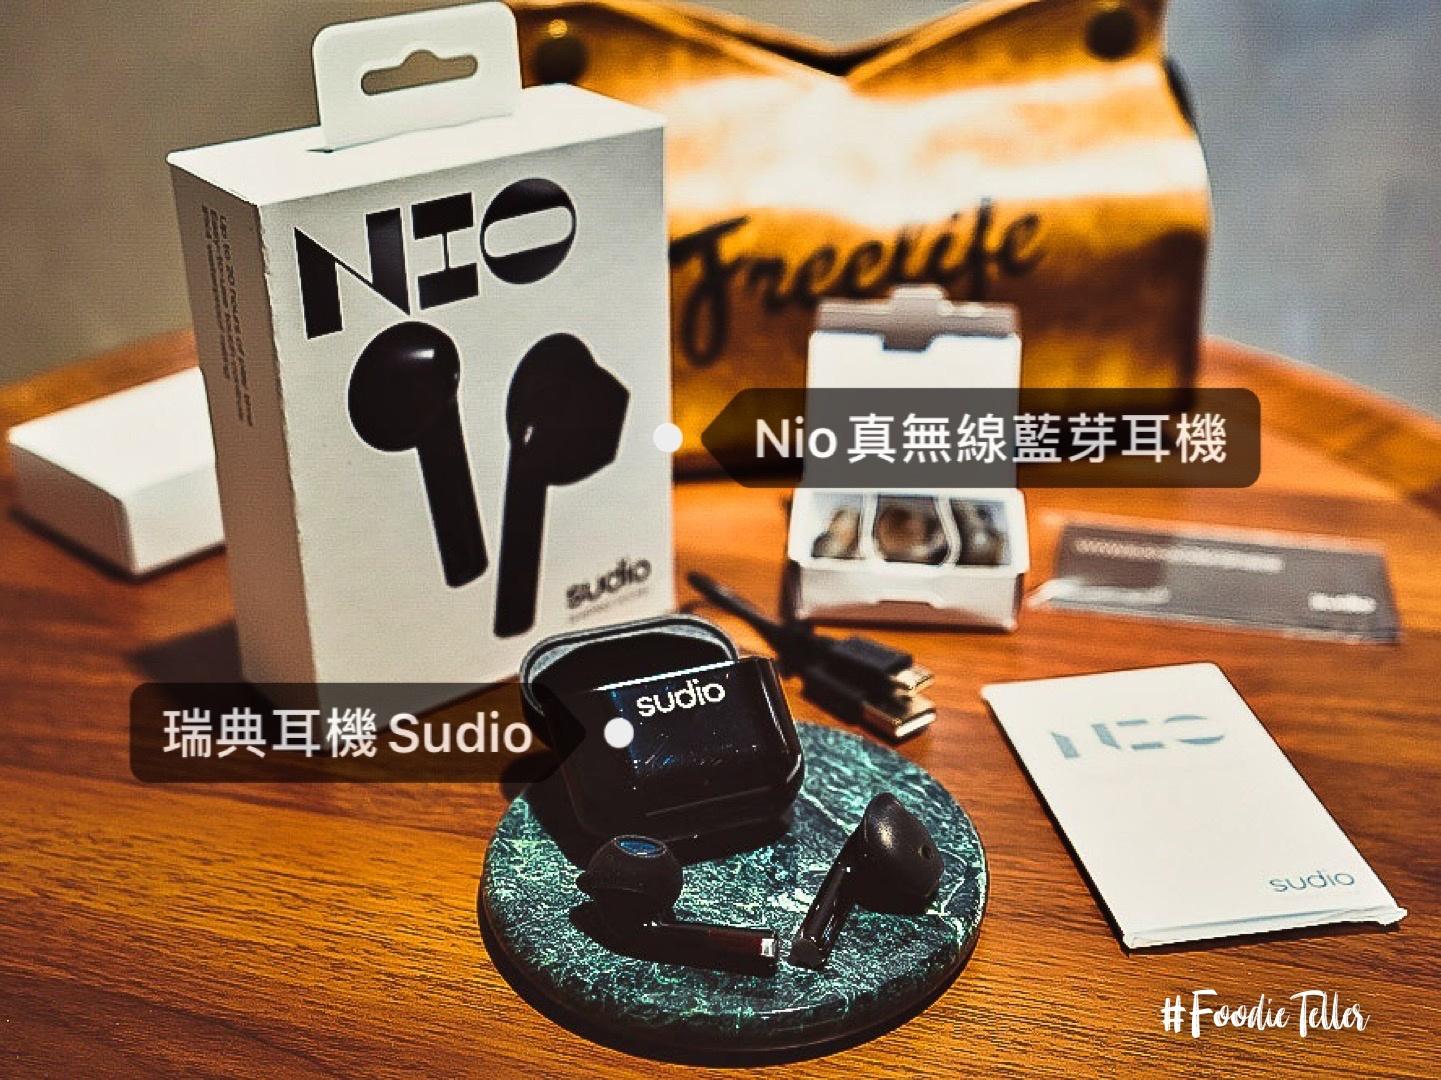 藍芽耳機推薦平價瑞典Sudio耳機品牌|開箱Nio真無線藍牙耳機!